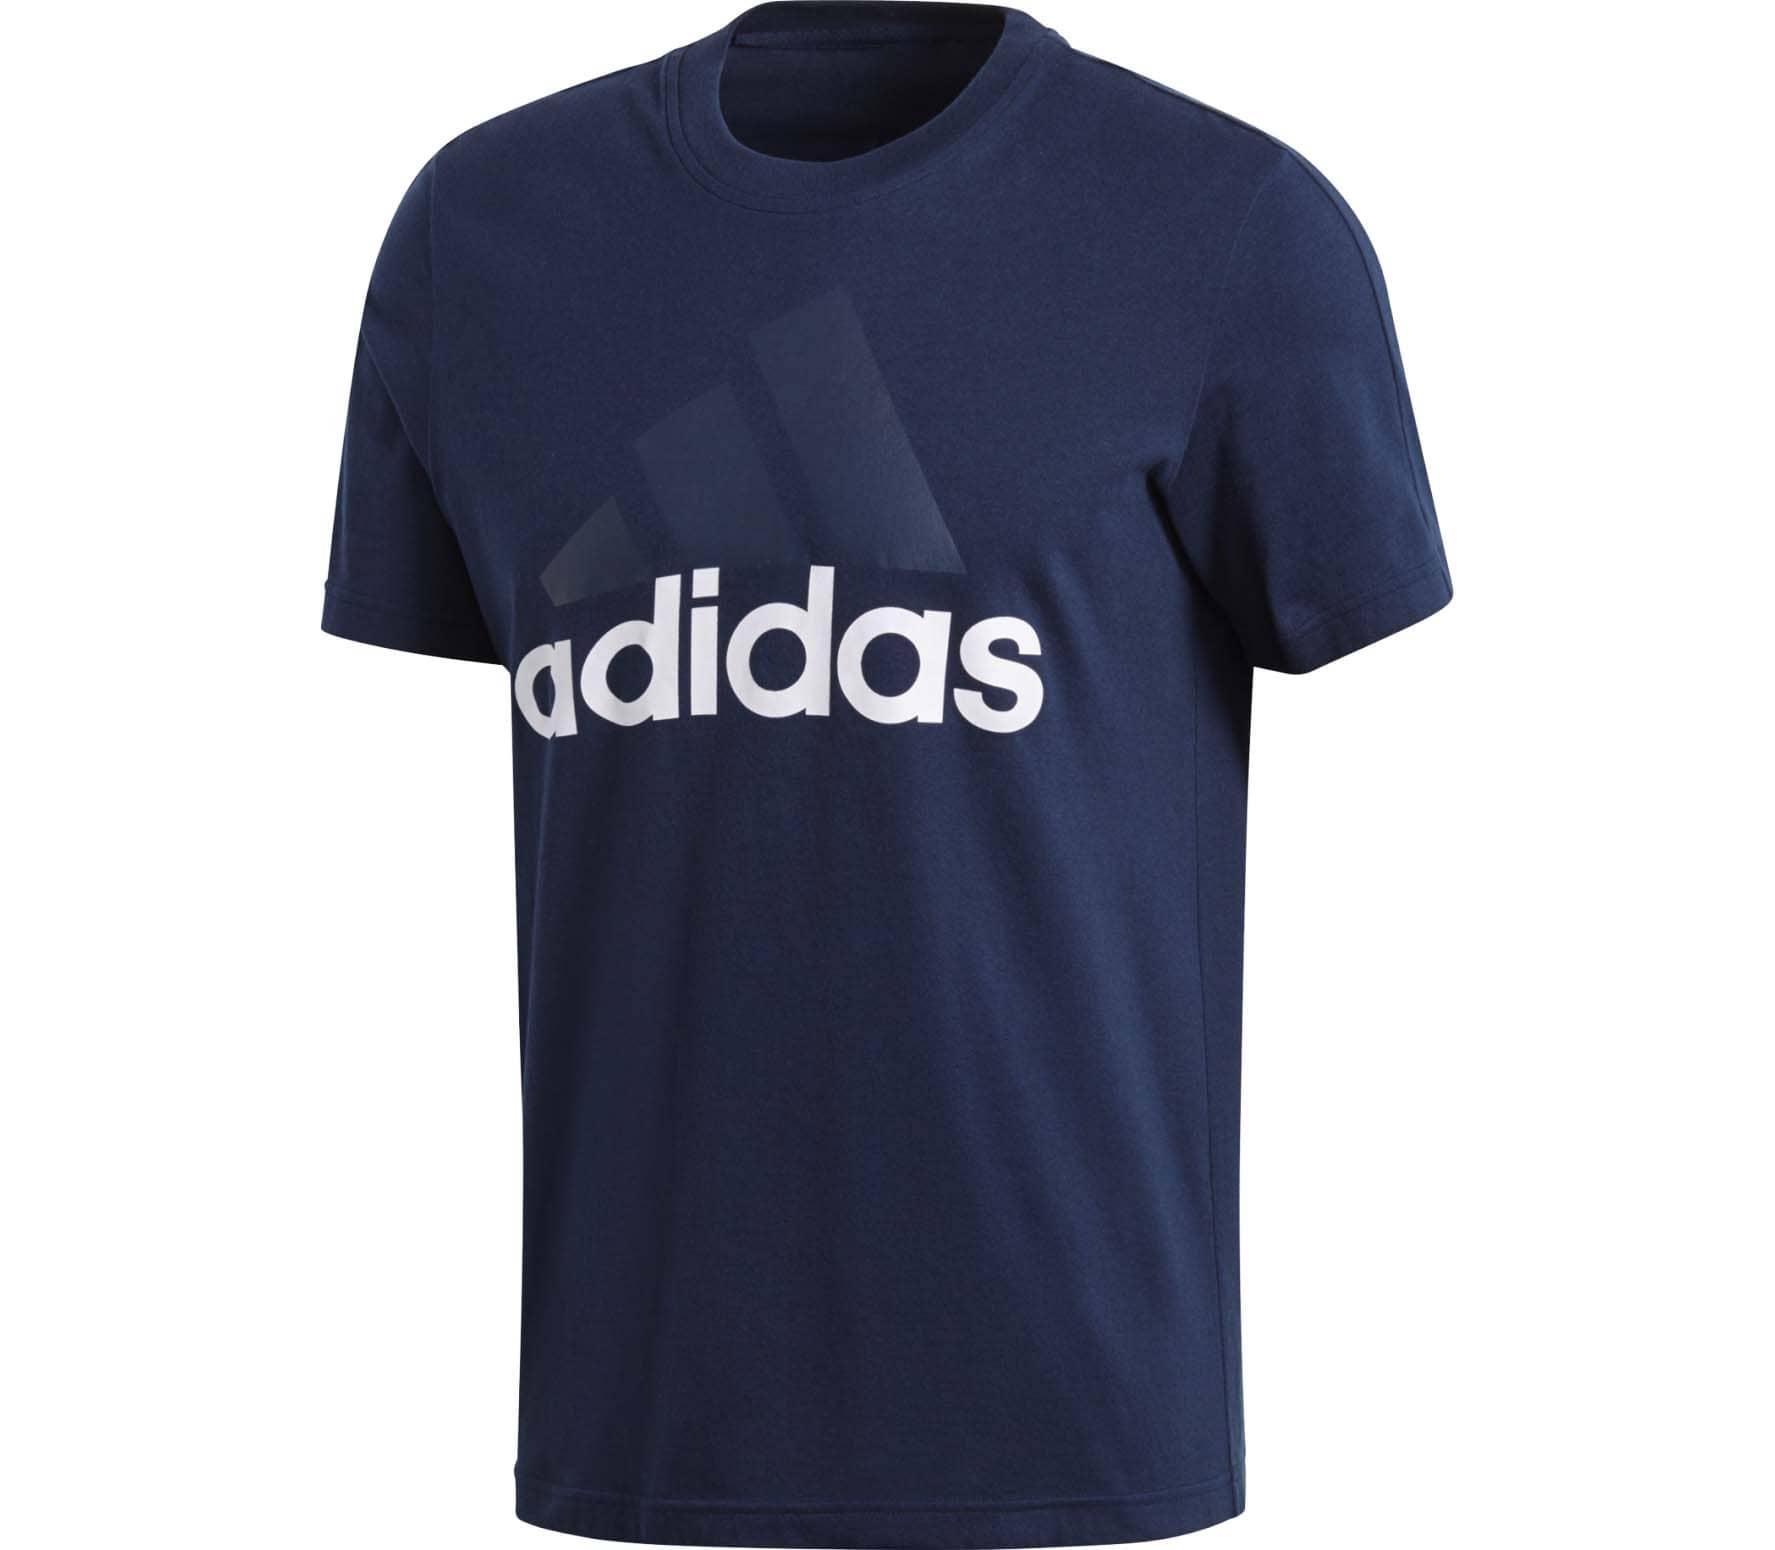 adidas Performance - Classics SW Identity Herr t-skjorta (blå) - M